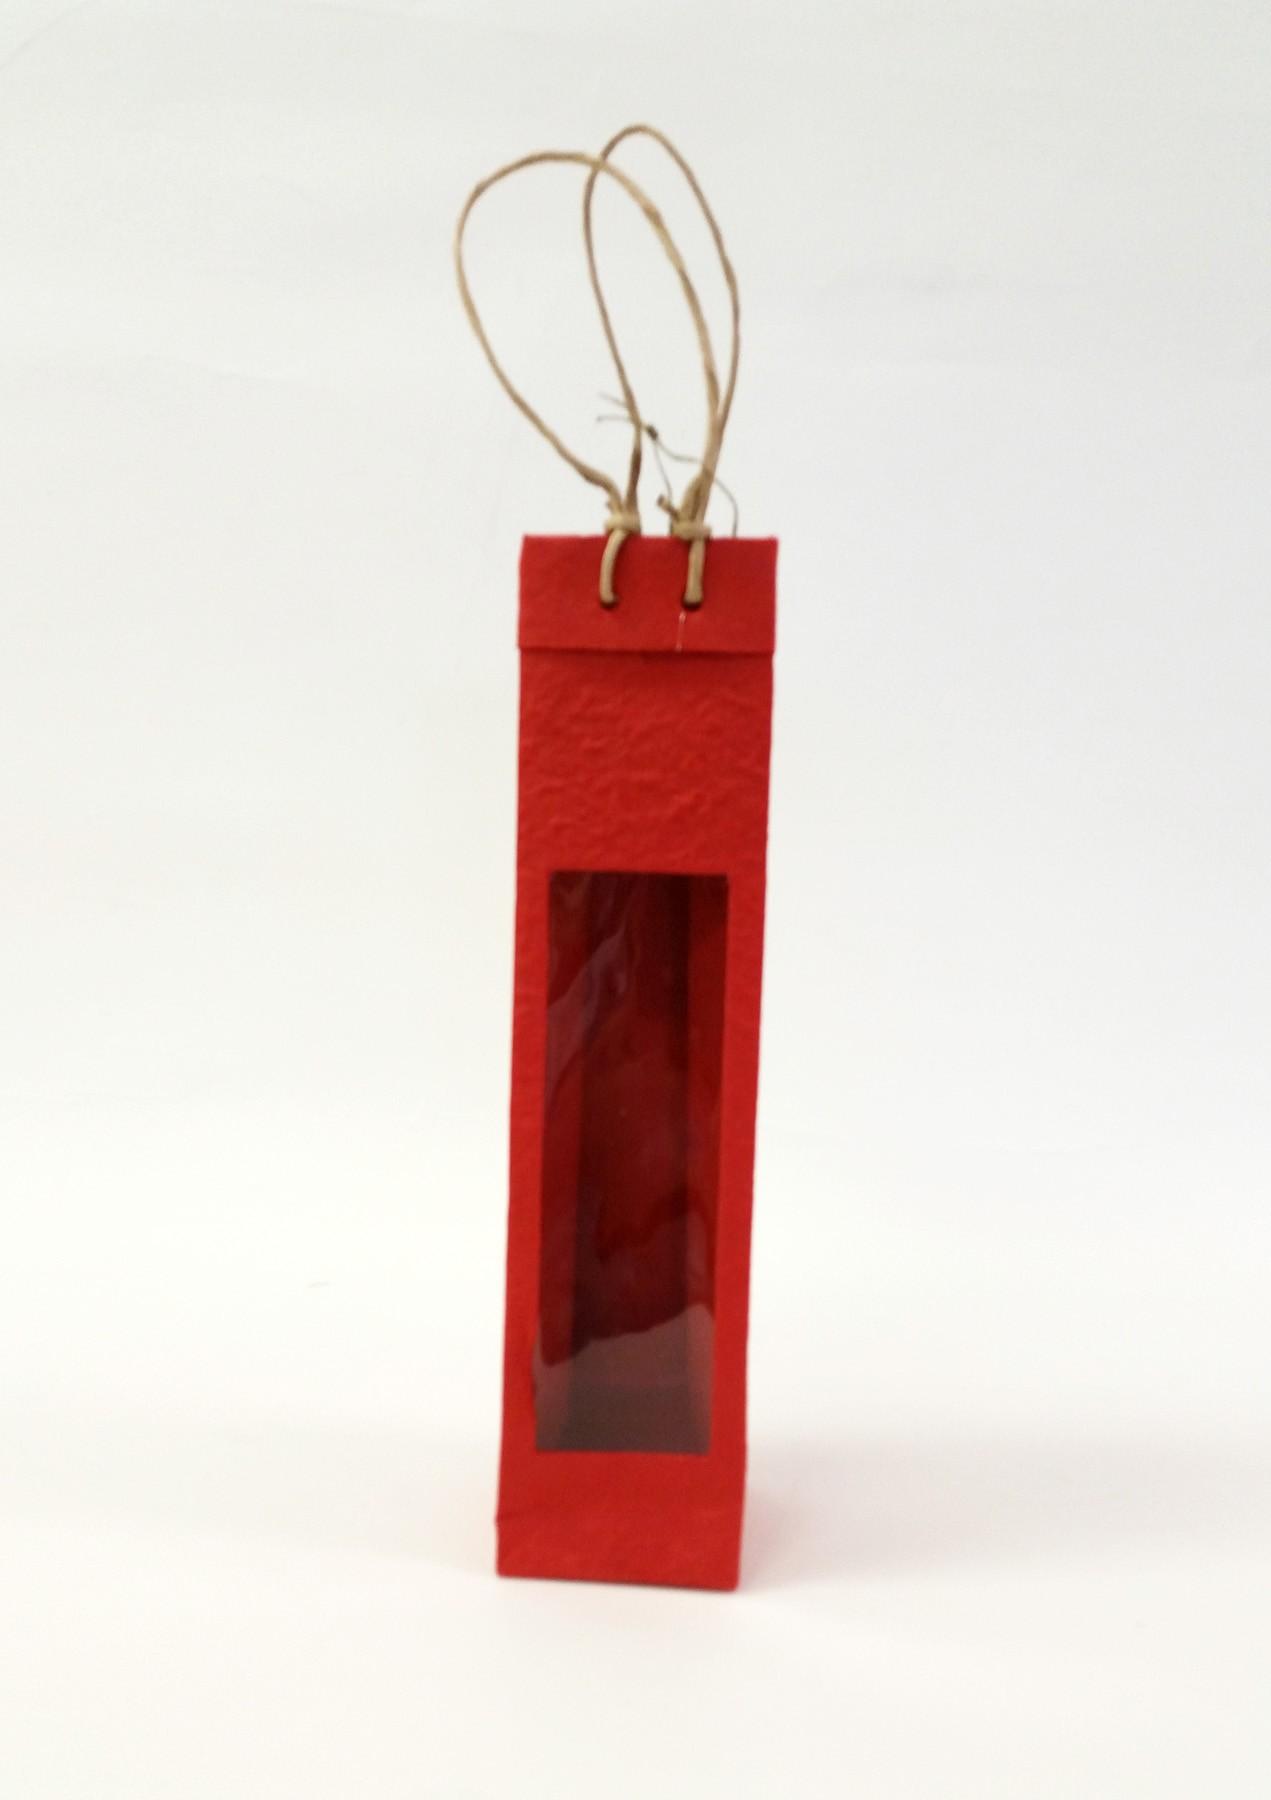 One-Bottle Window Bag in Red